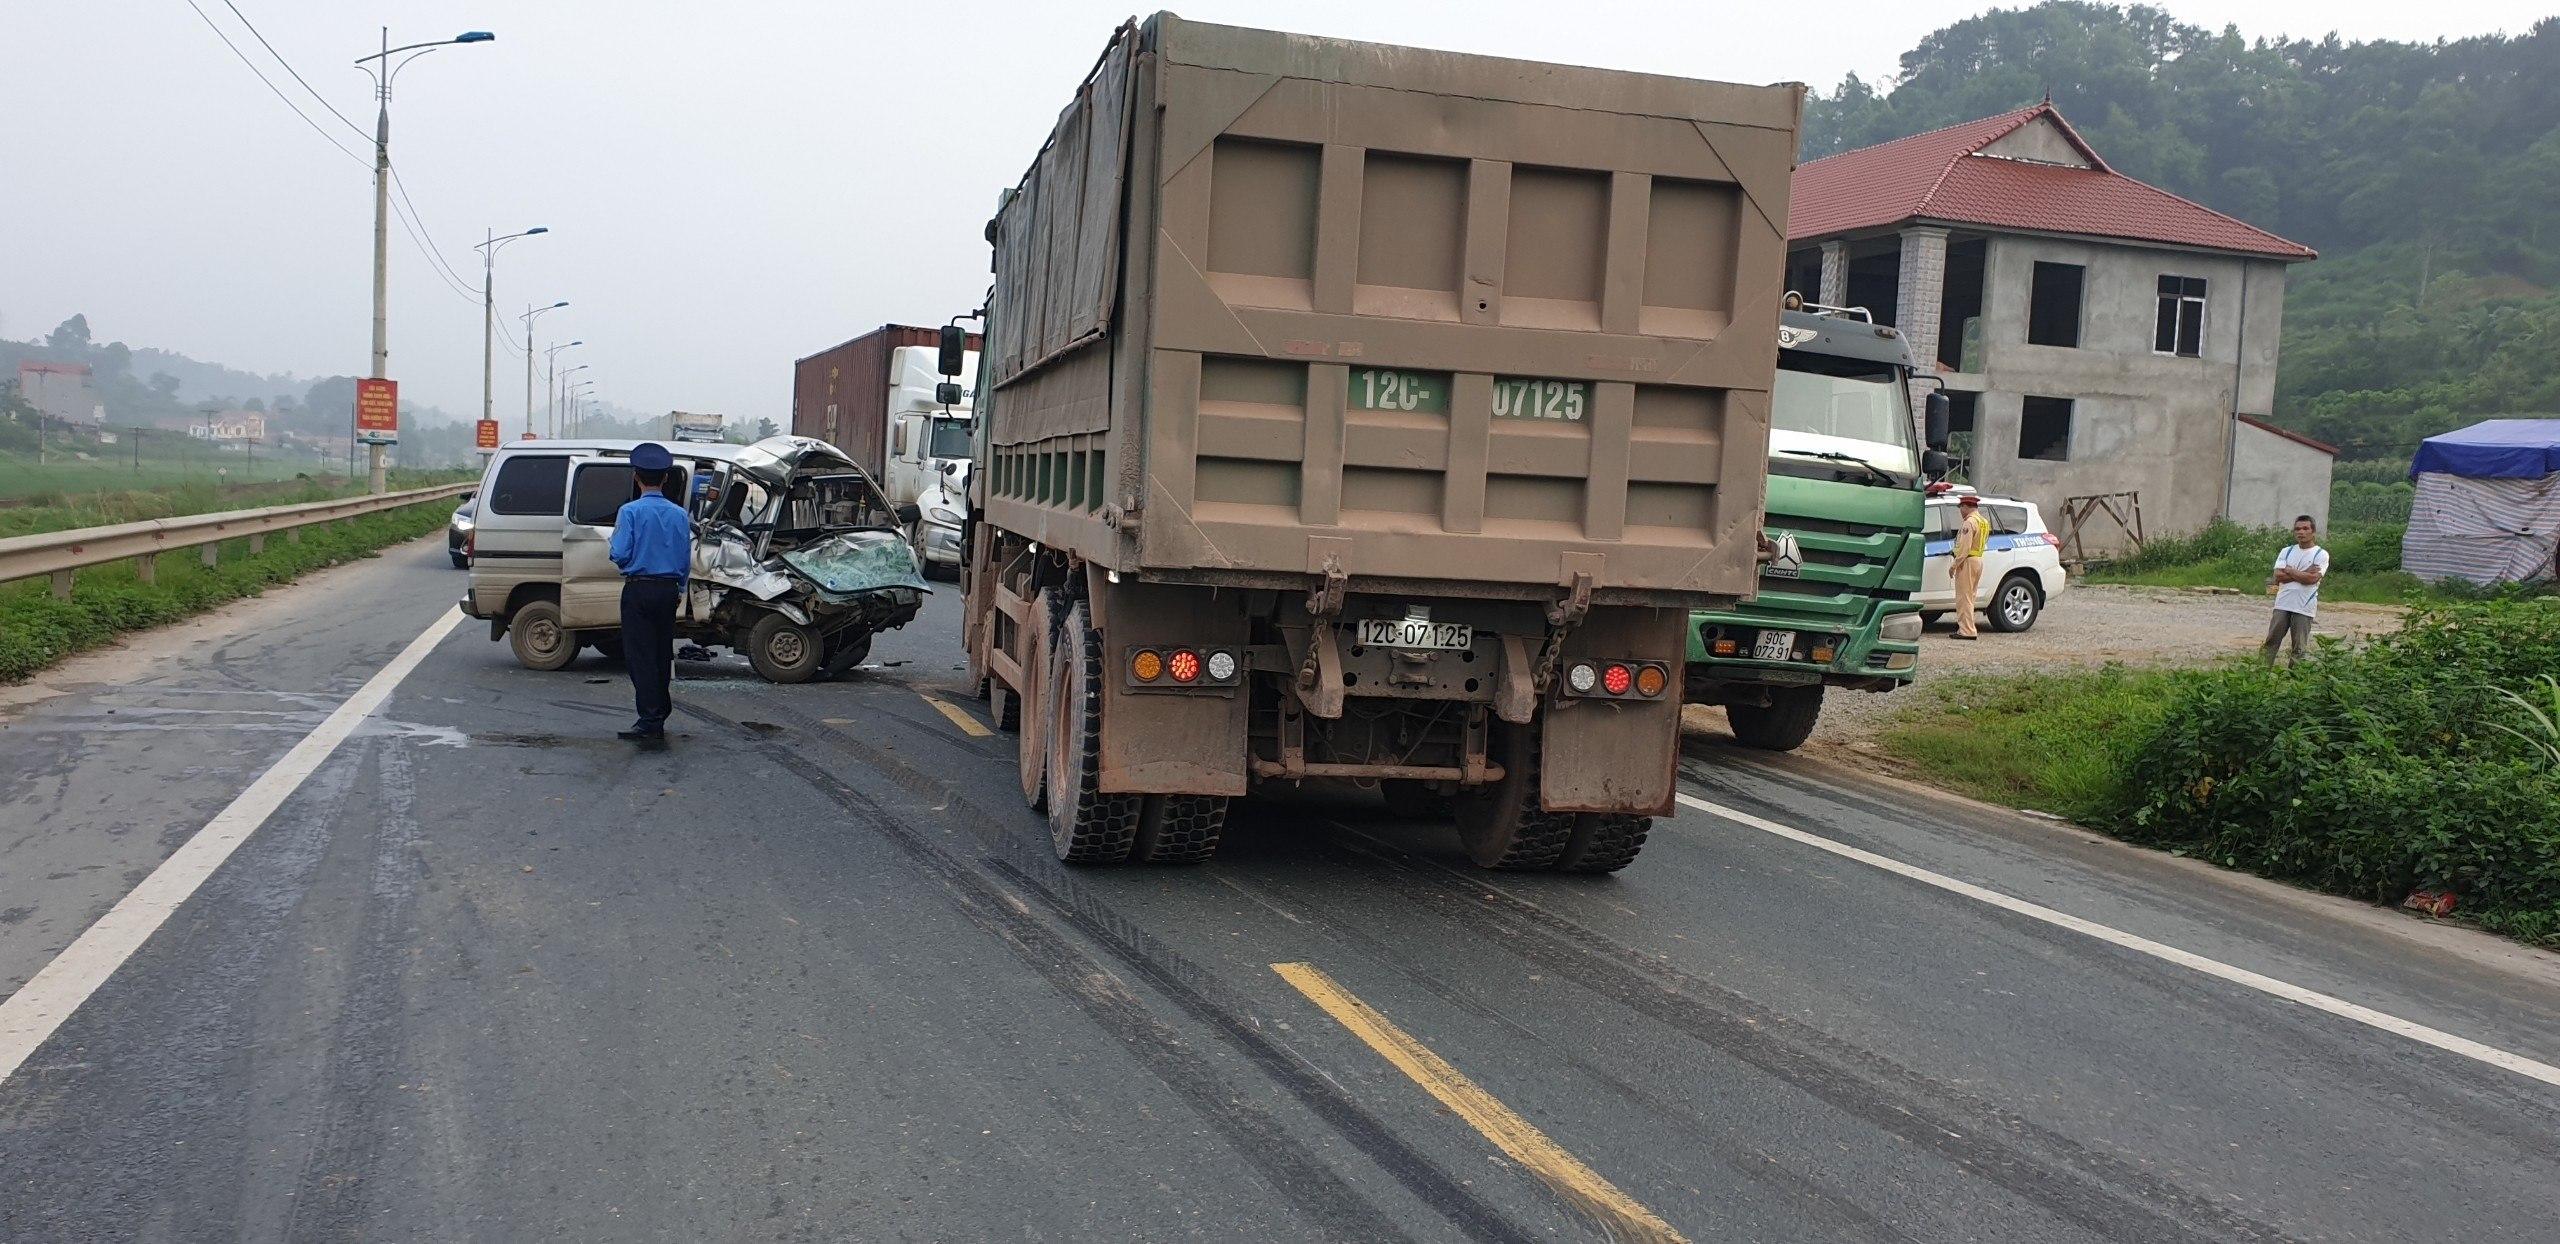 Tai nạn giao thông mới nhất ngày 13/5: Xe máy tông vào cột mốc, 2 người thương vong 2